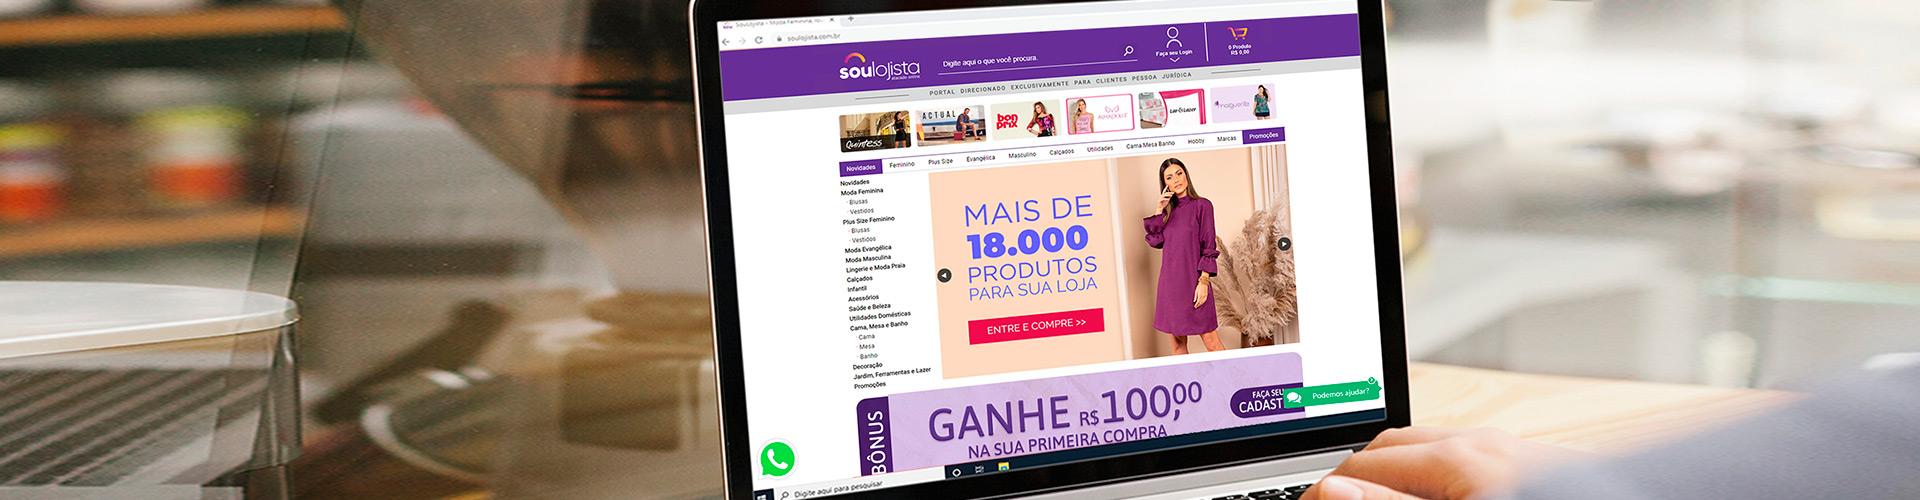 Banner Sou Lojista Desktop